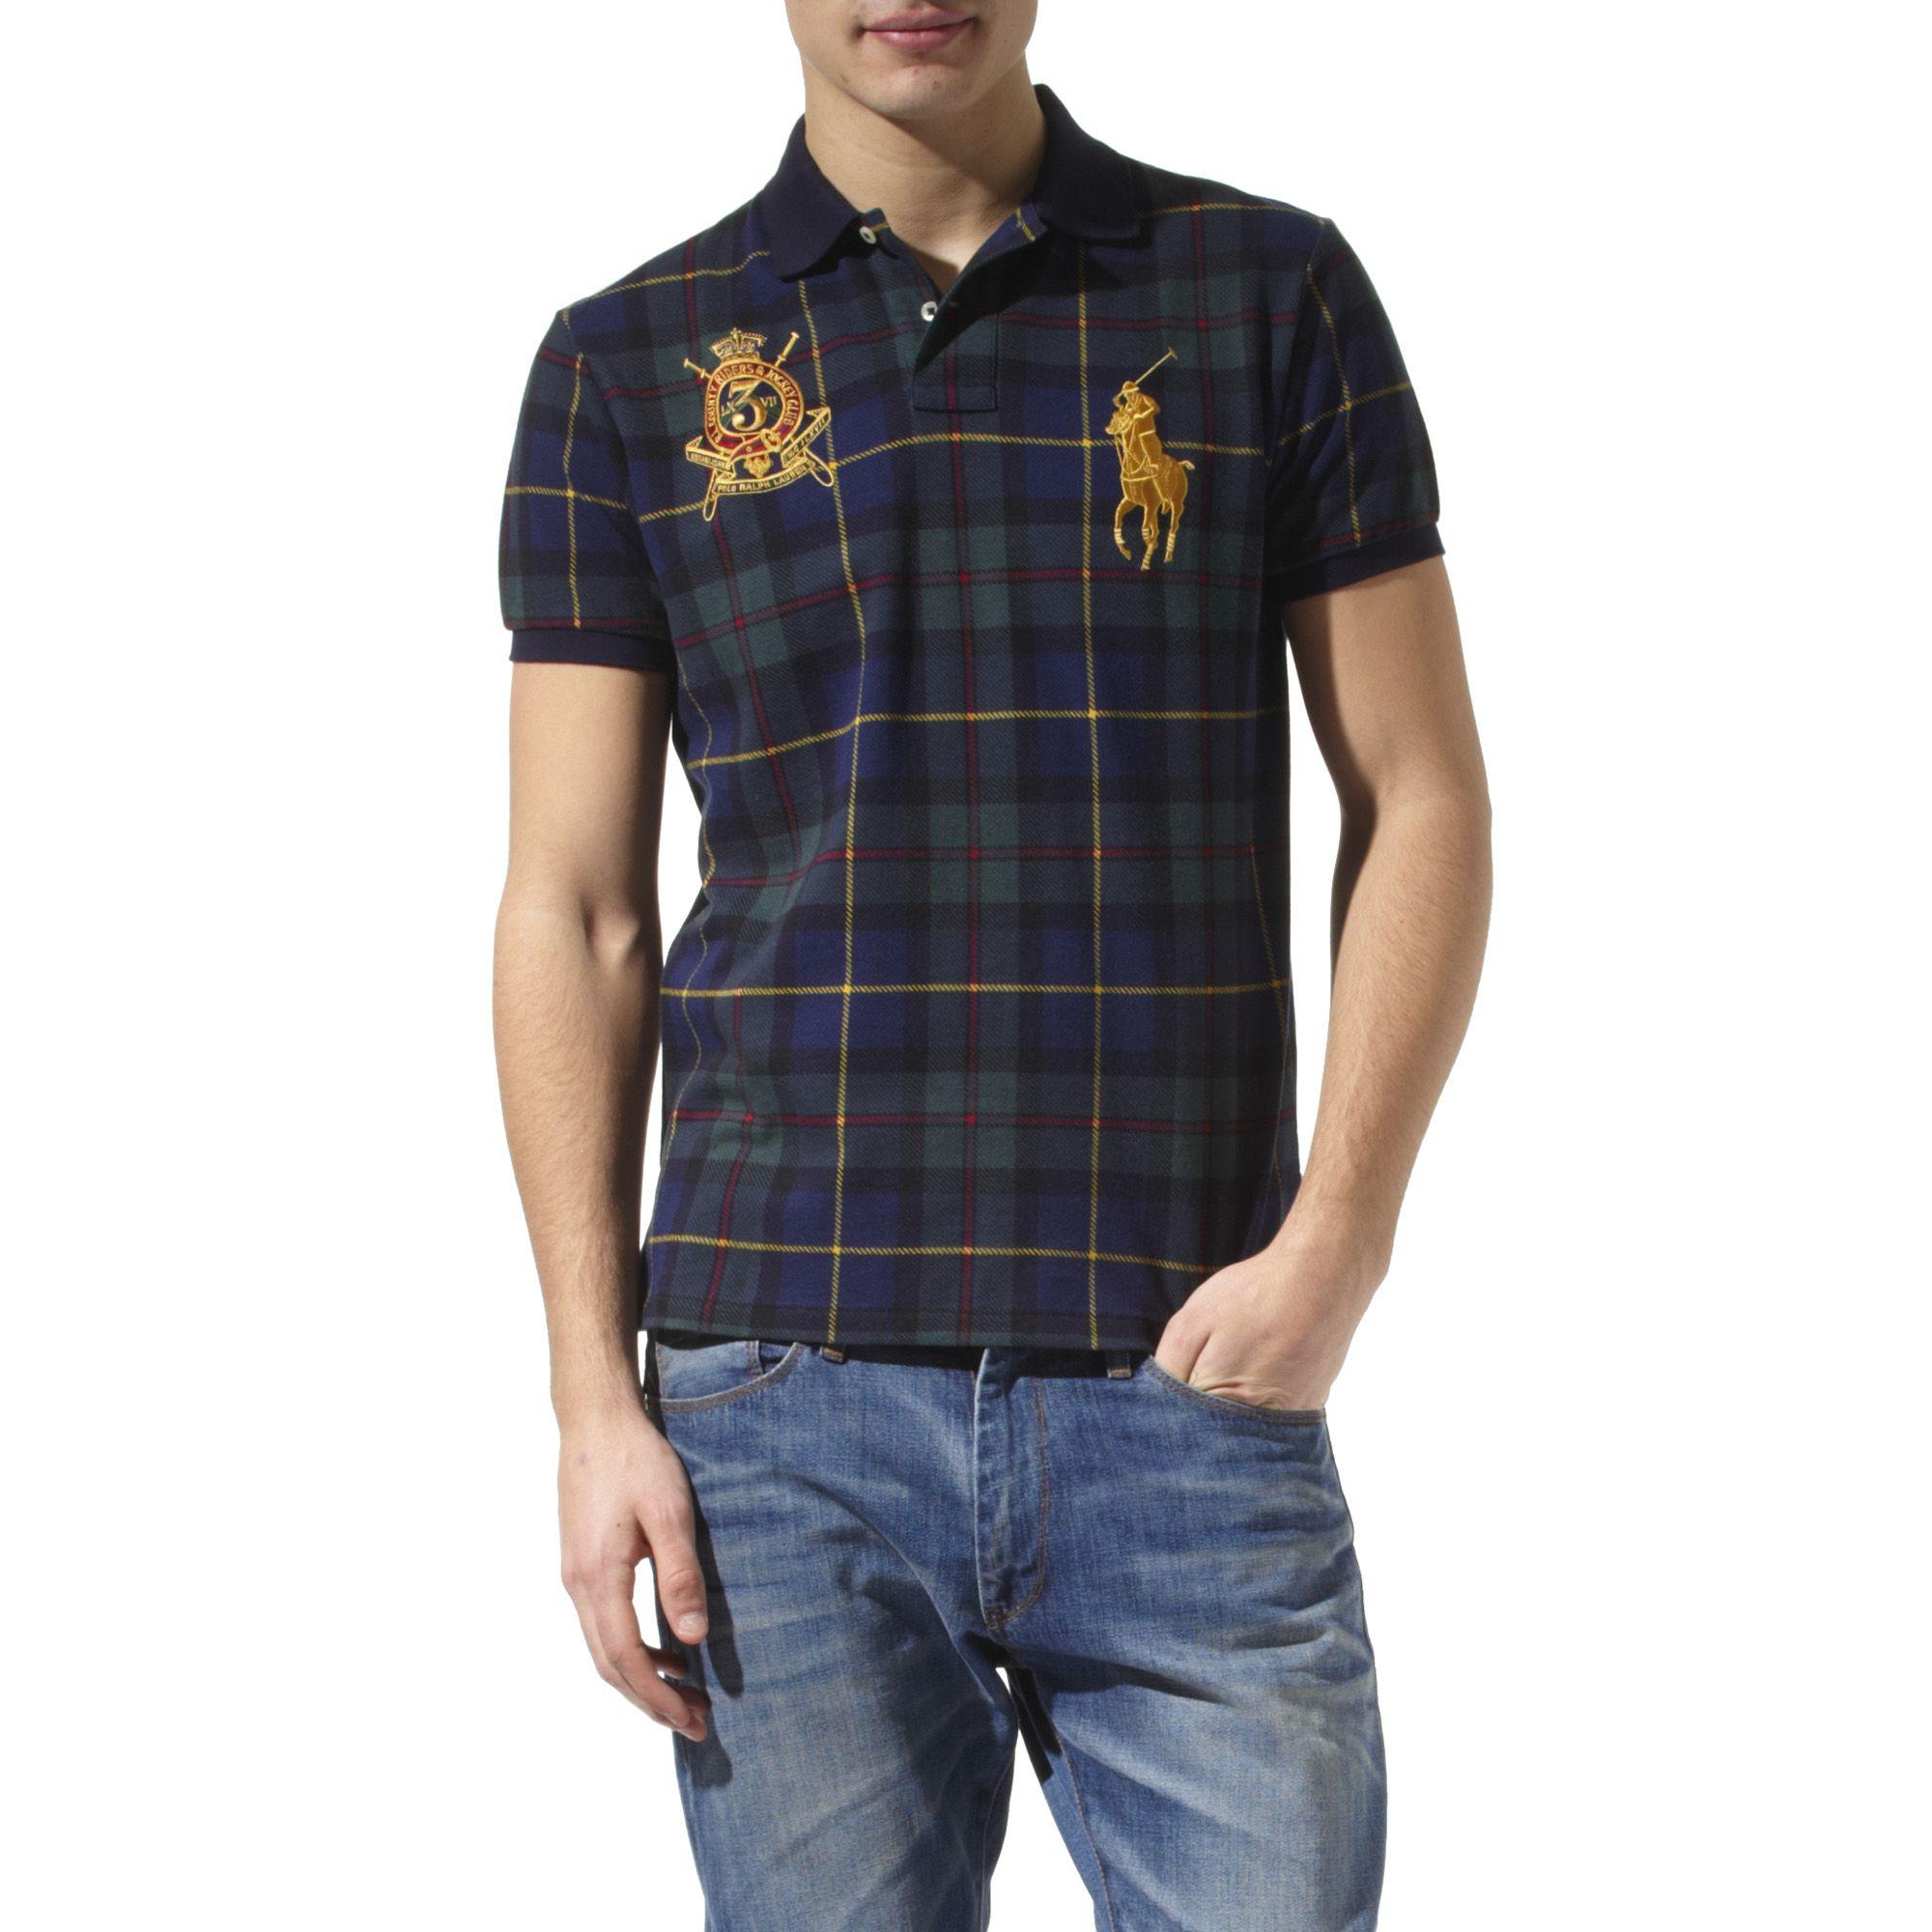 Ralph lauren custom fit tartan polo shirt in blue for men for Blue and green tartan shirt